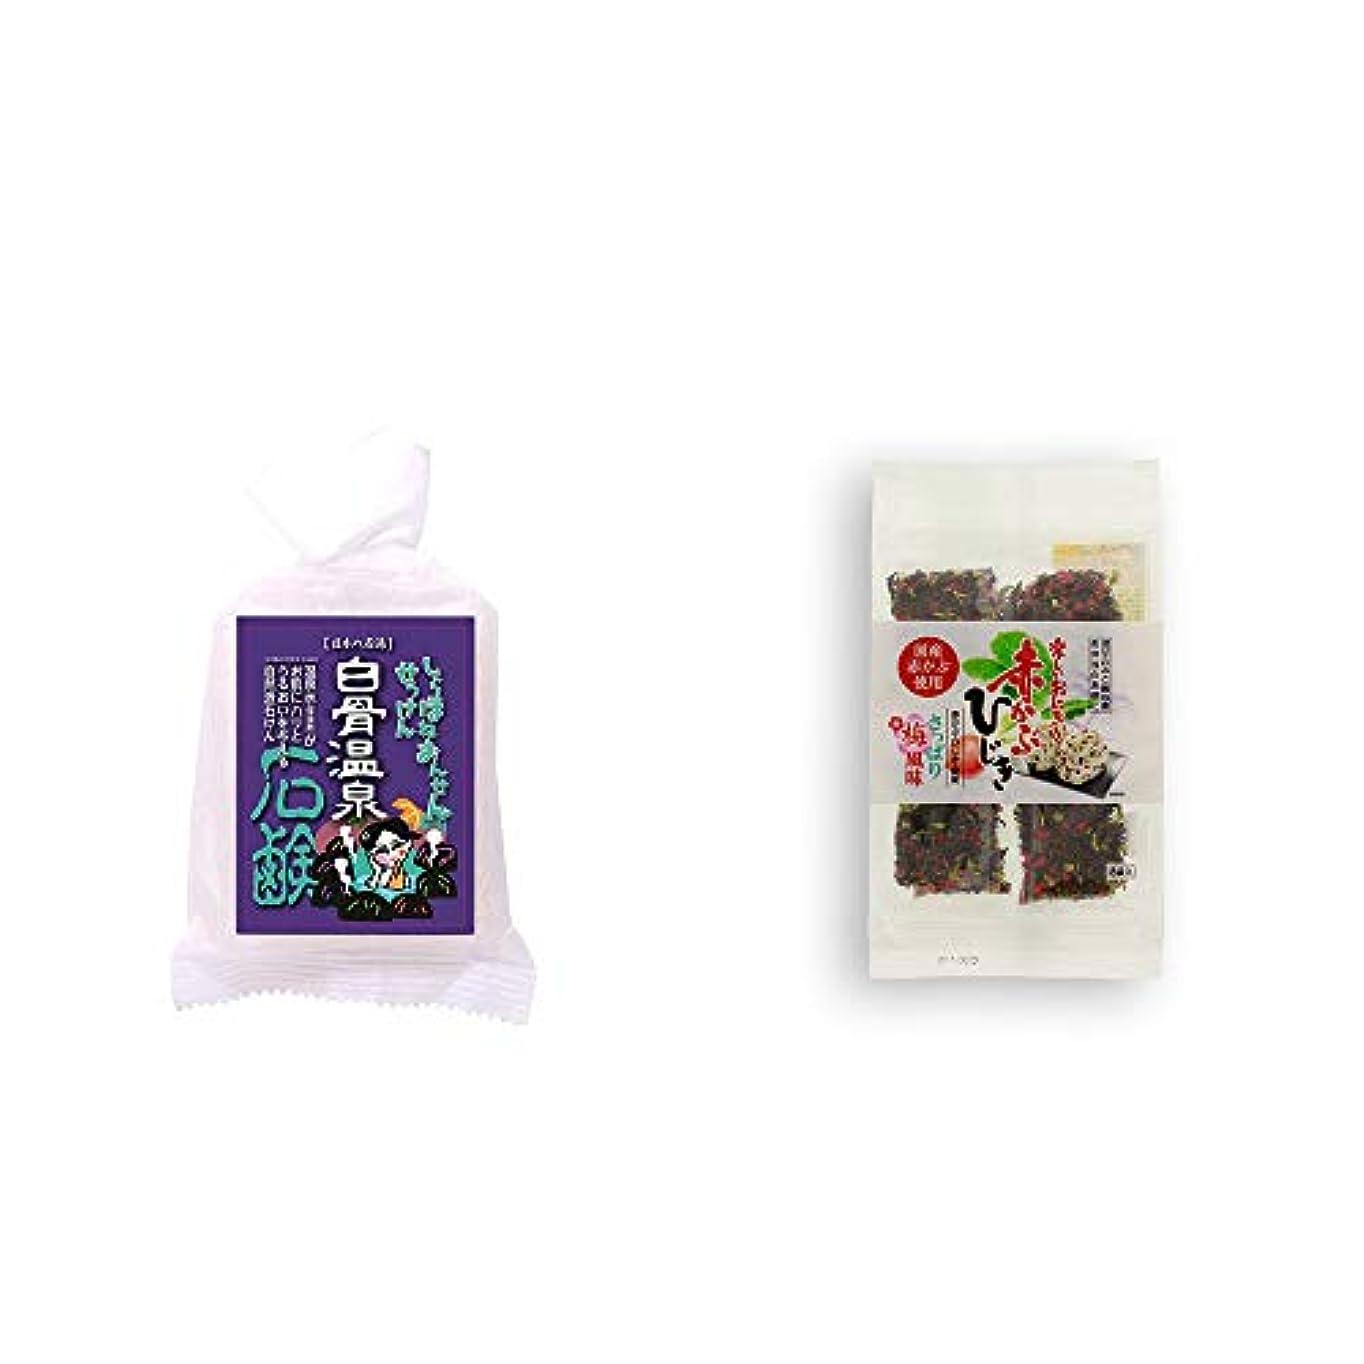 統合有効化ぶら下がる[2点セット] 信州 白骨温泉石鹸(80g)?楽しいおにぎり 赤かぶひじき(8g×8袋)